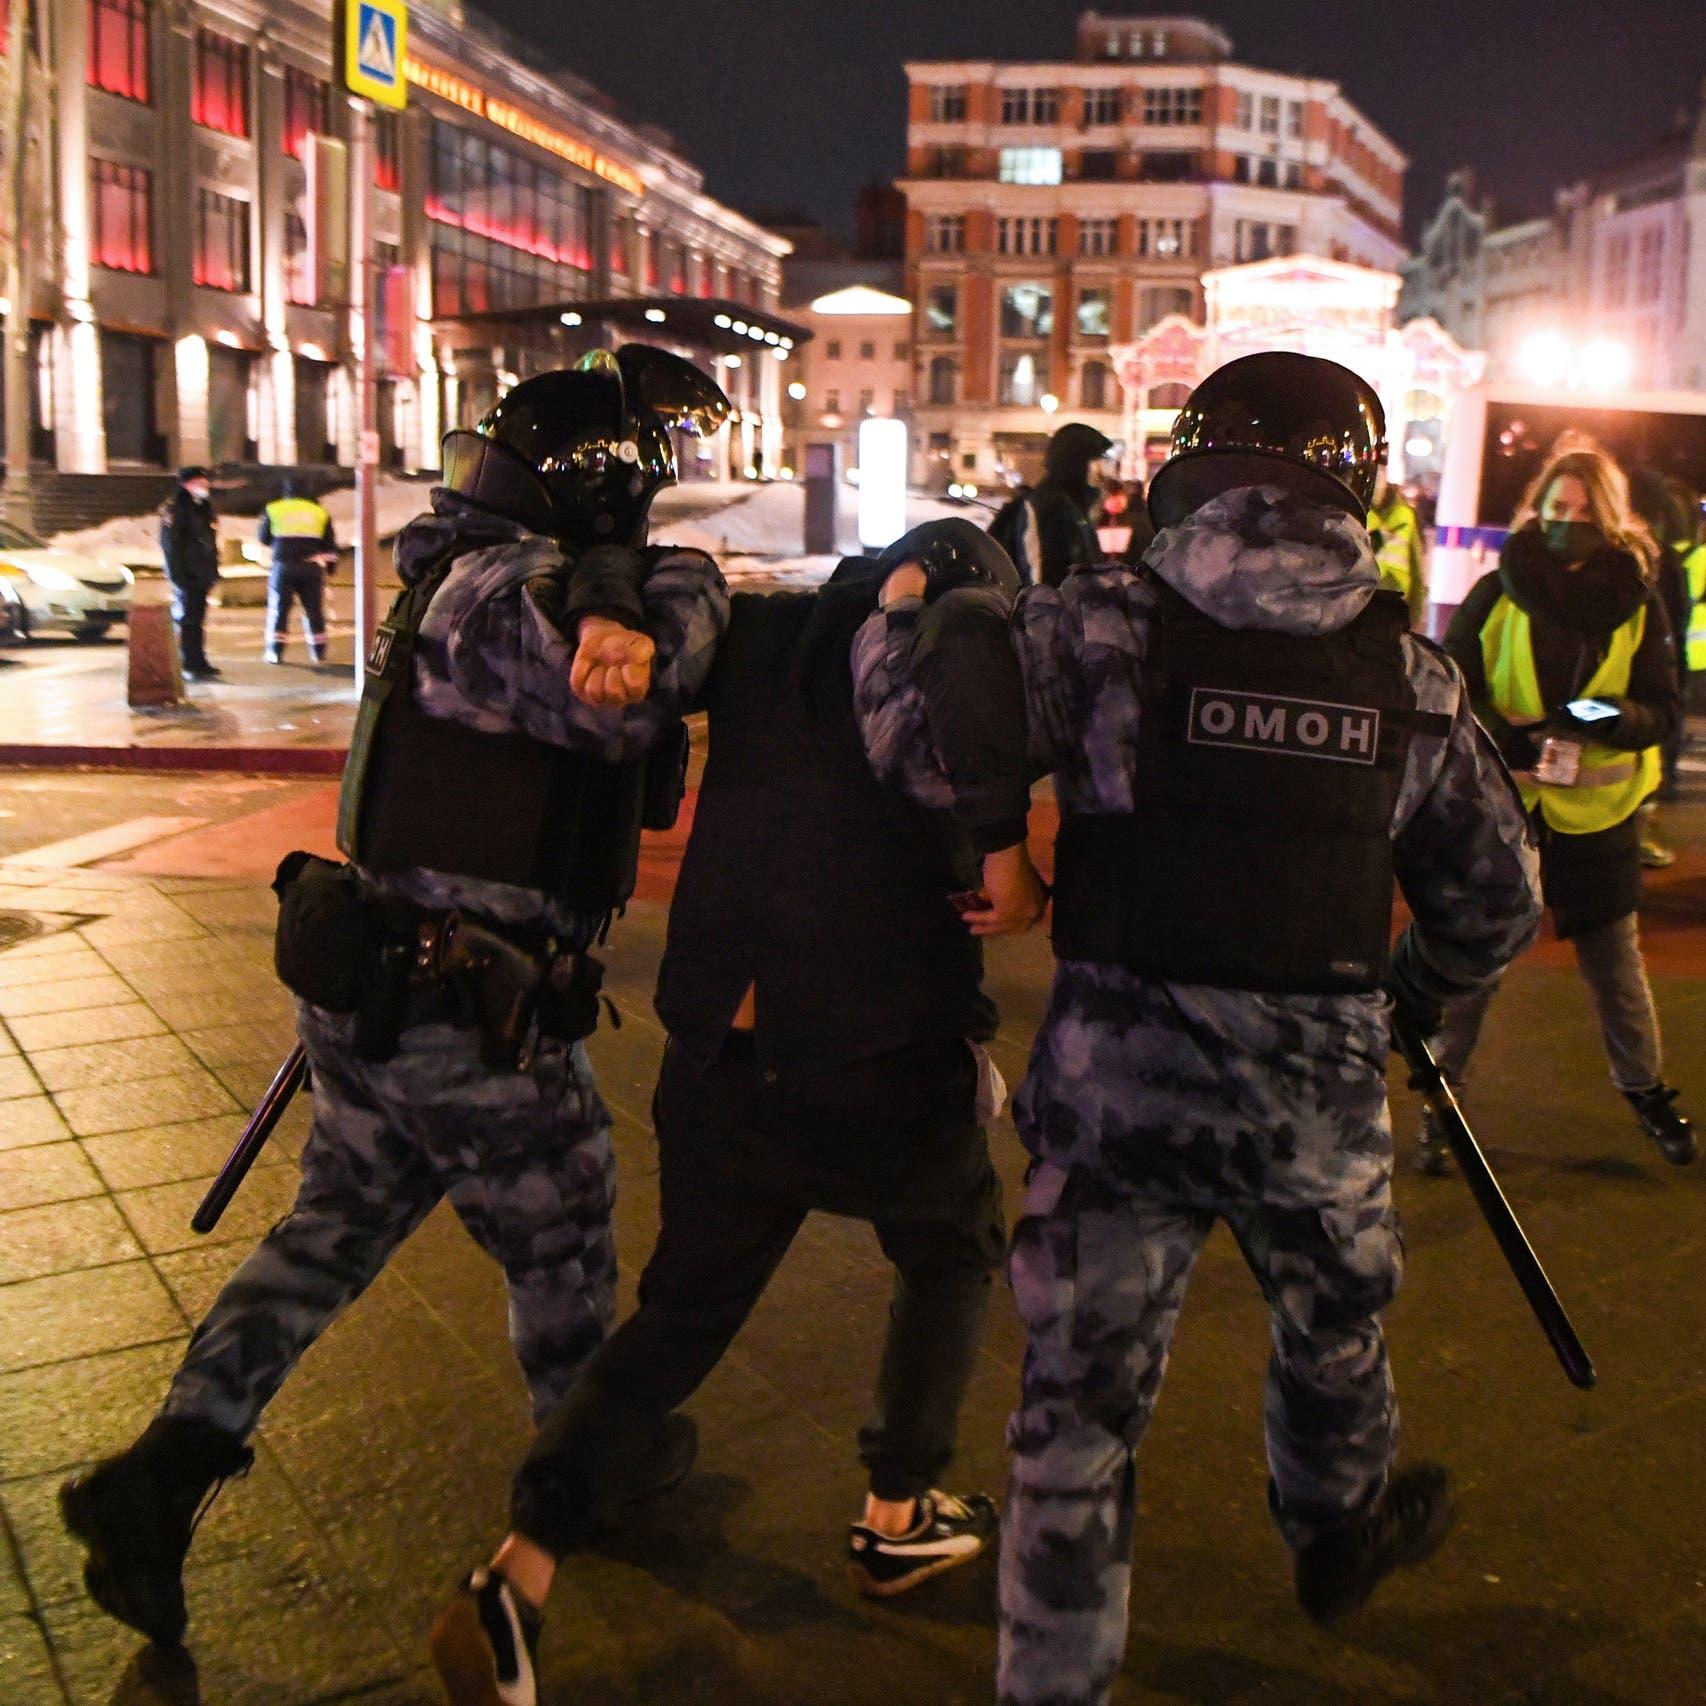 روسيا تطرد دبلوماسيين أوروبيين.. ألمانيا تهدد والسويد ترفض